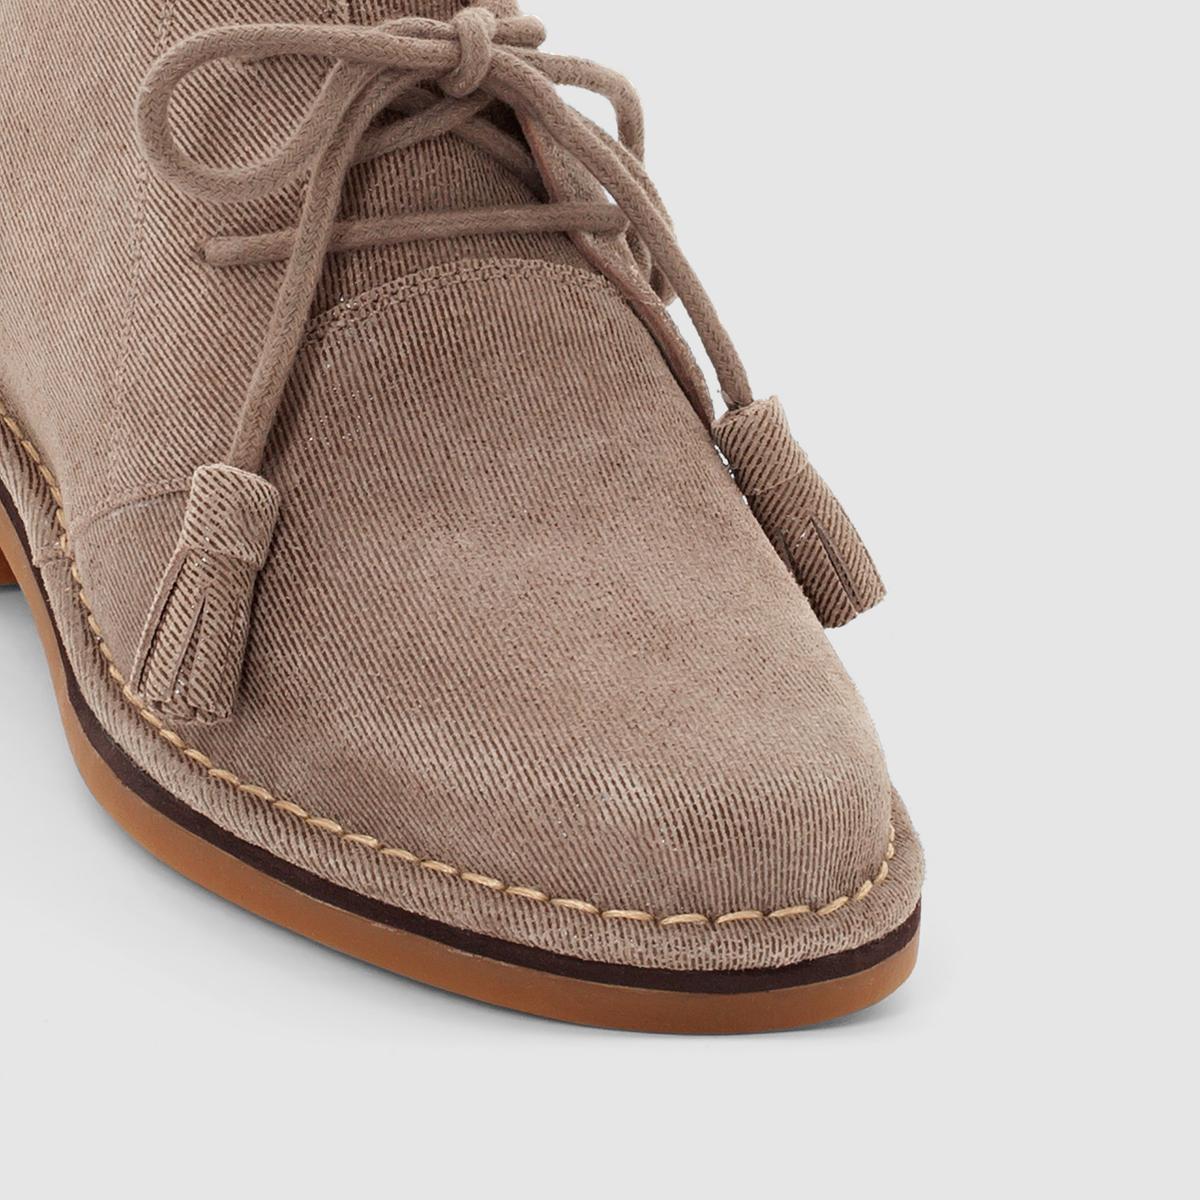 Ботинки из кожи Cyra CatelynПодкладка   : Без подкладкиСтелька : кожа               Подошва : каучук                Высота каблука : 2 см               Форма каблука : плоский каблук               Мысок : закругленный               Застежка : Шнуровка<br><br>Цвет: серо-коричневый<br>Размер: 37.36